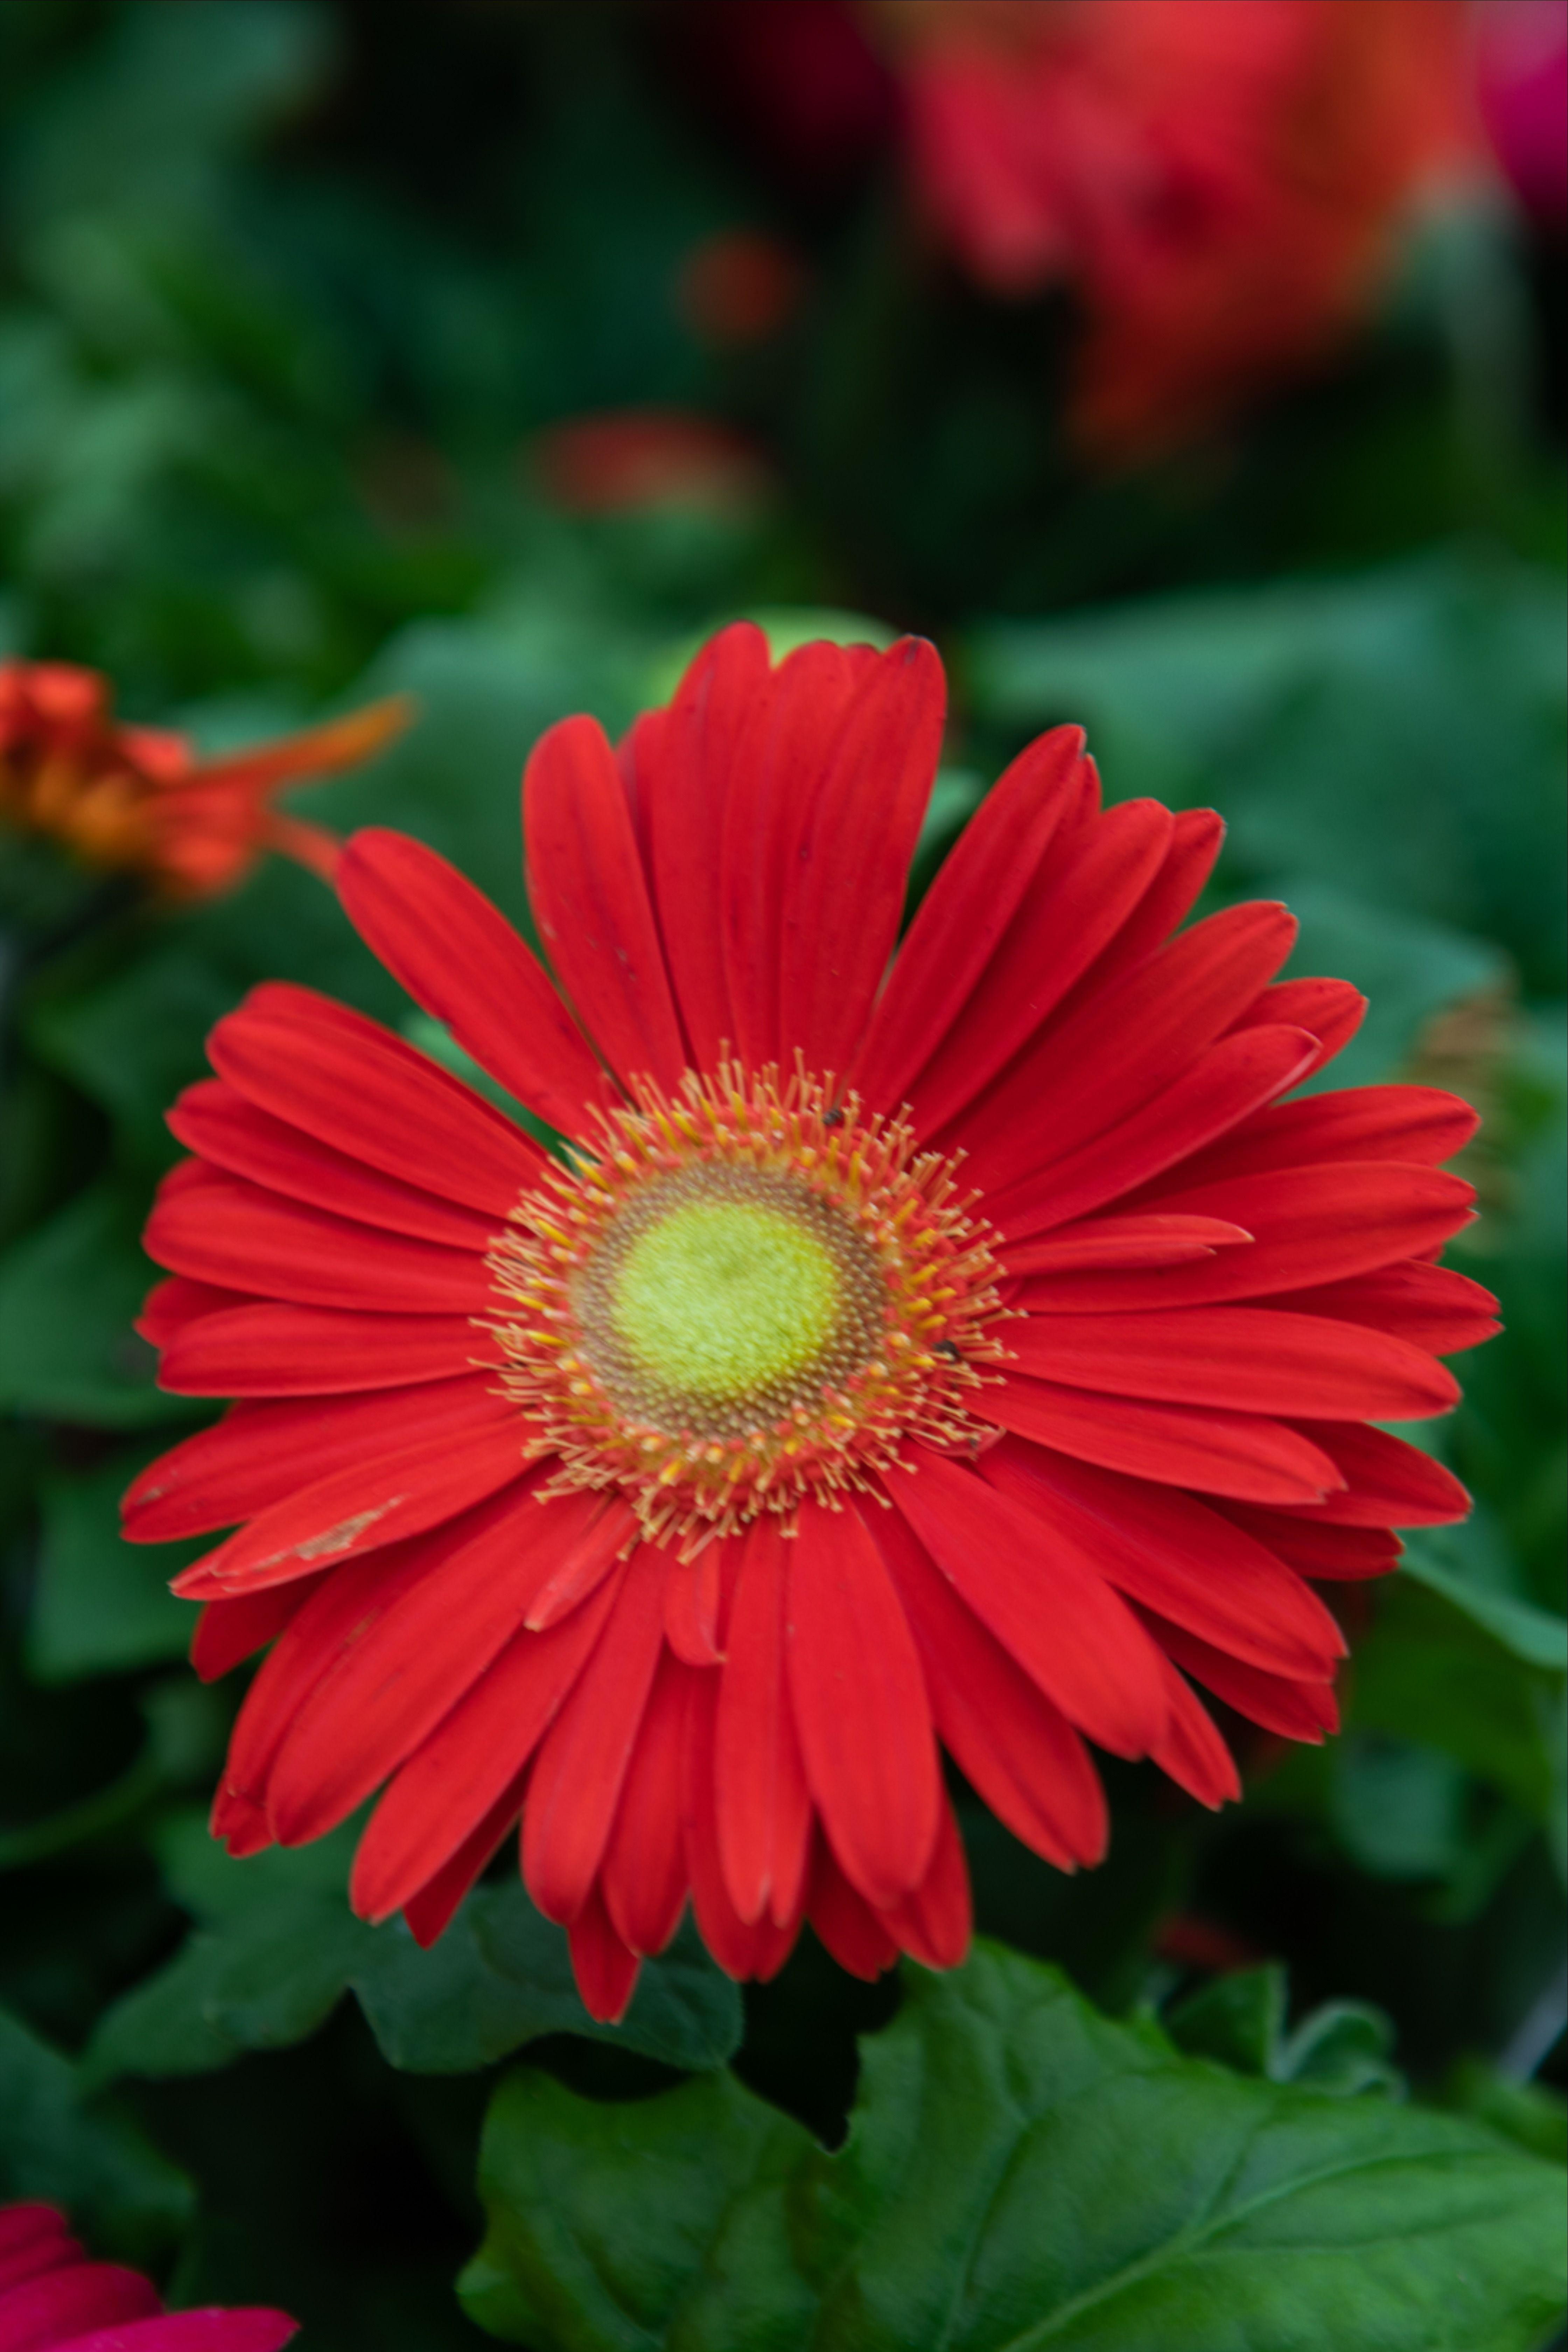 Gerbera Daisy In 2020 Spring Plants Showy Flowers Plants